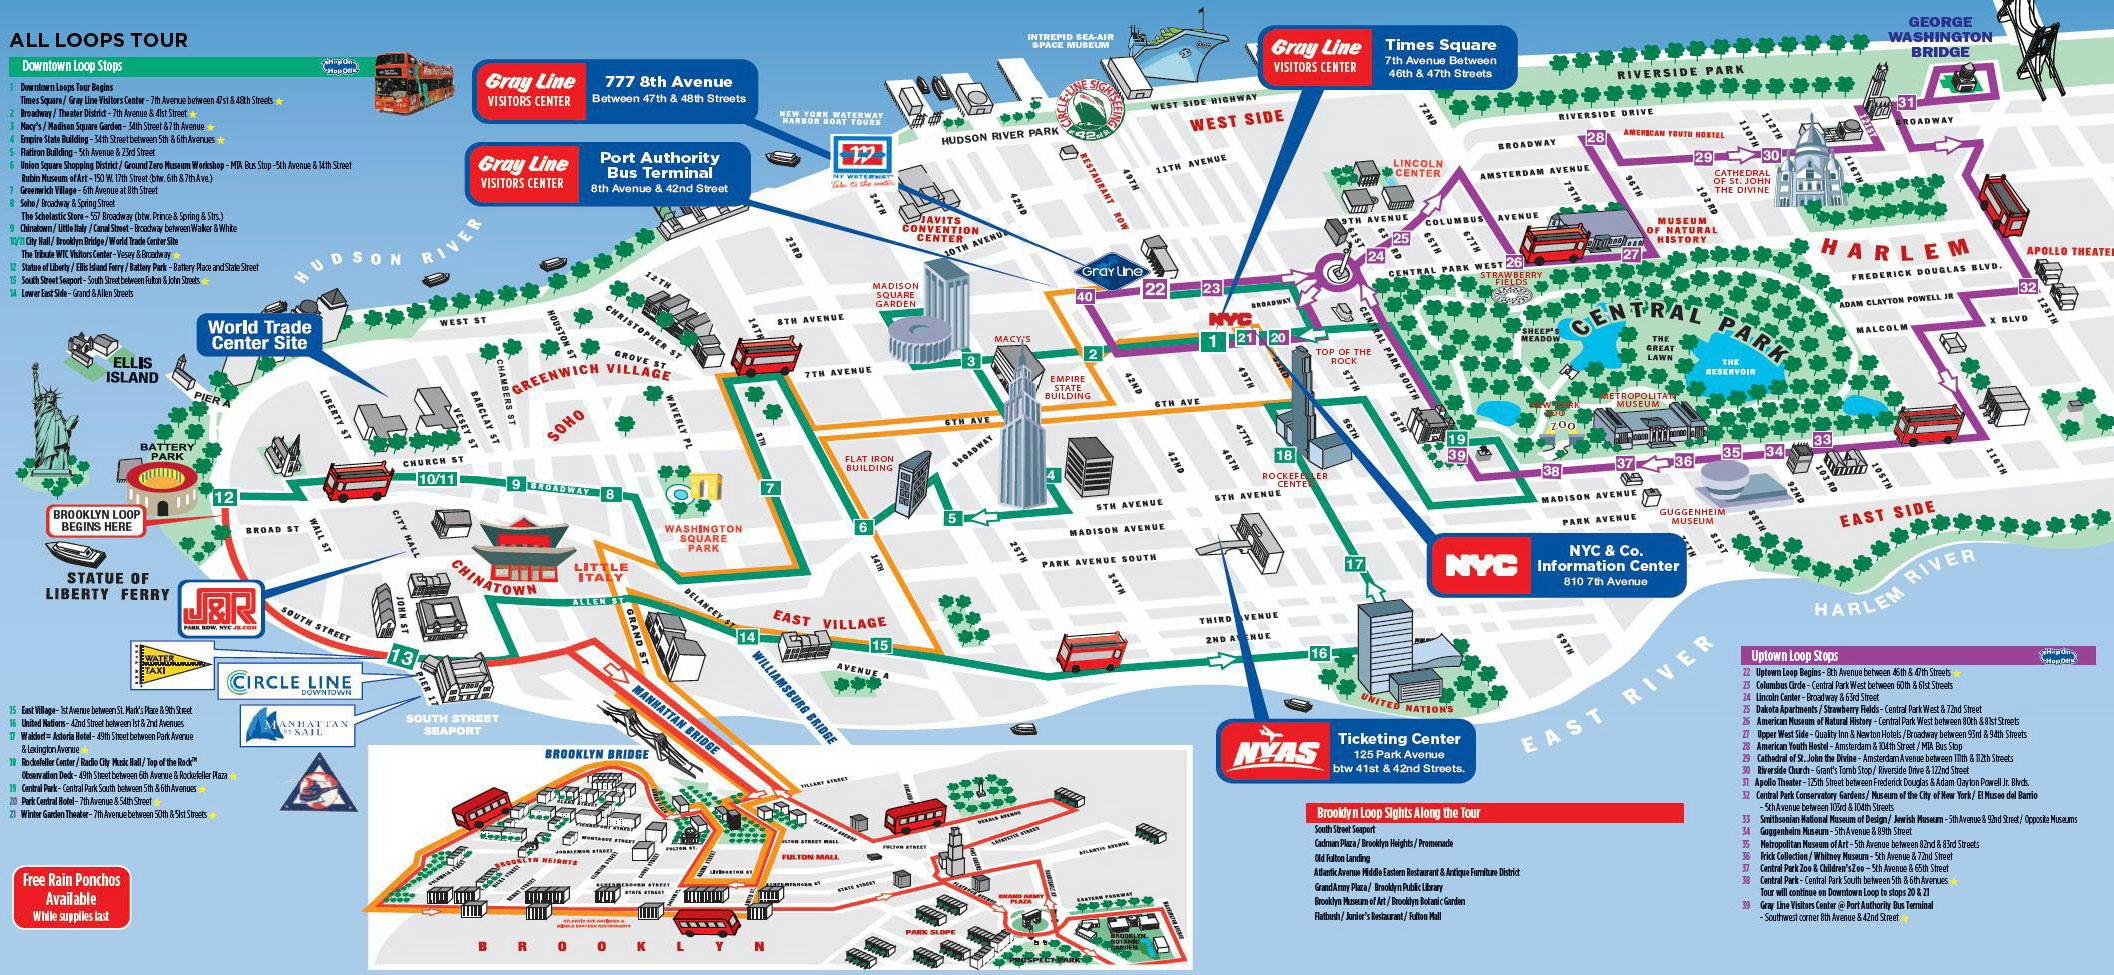 lisszabon látnivalók térkép New York   All Around Tour városnézés | VÁROSKÁRTYÁK lisszabon látnivalók térkép